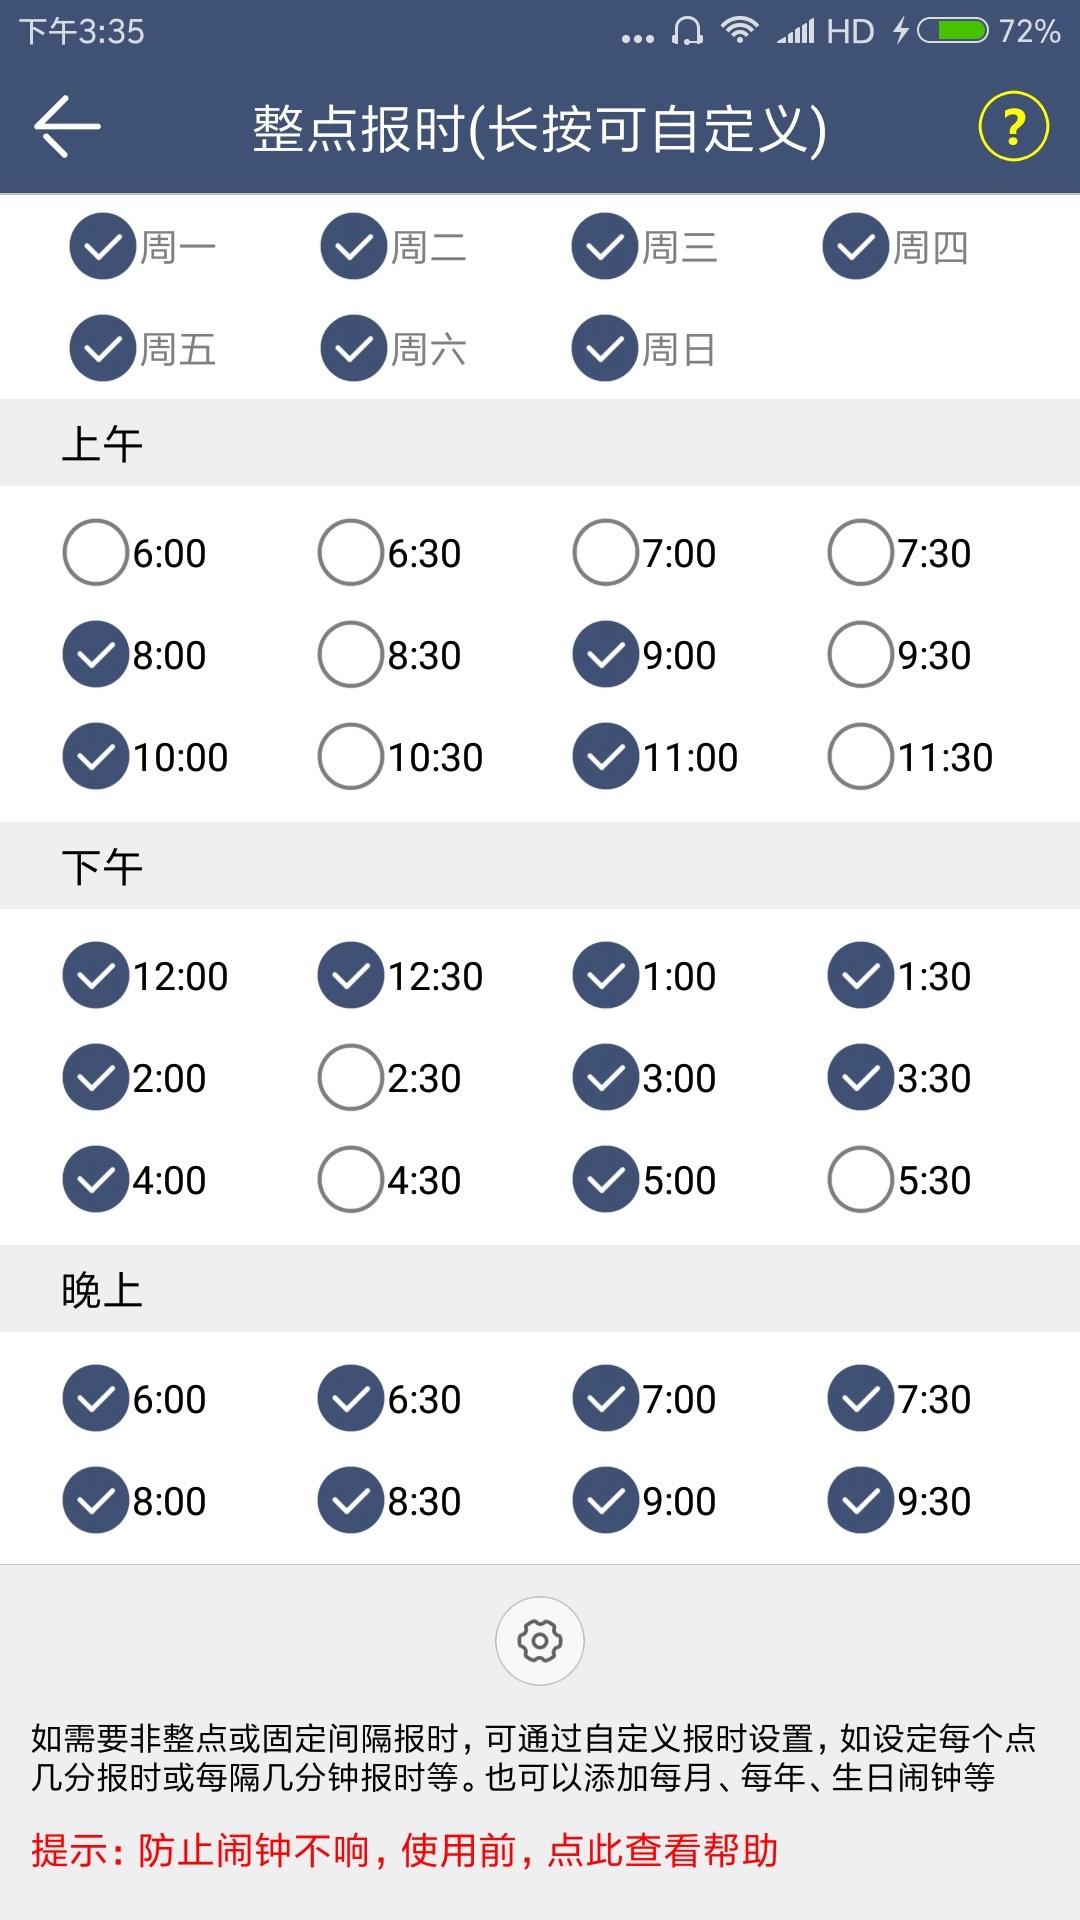 语音报时闹钟 V10.0.5 安卓版截图5